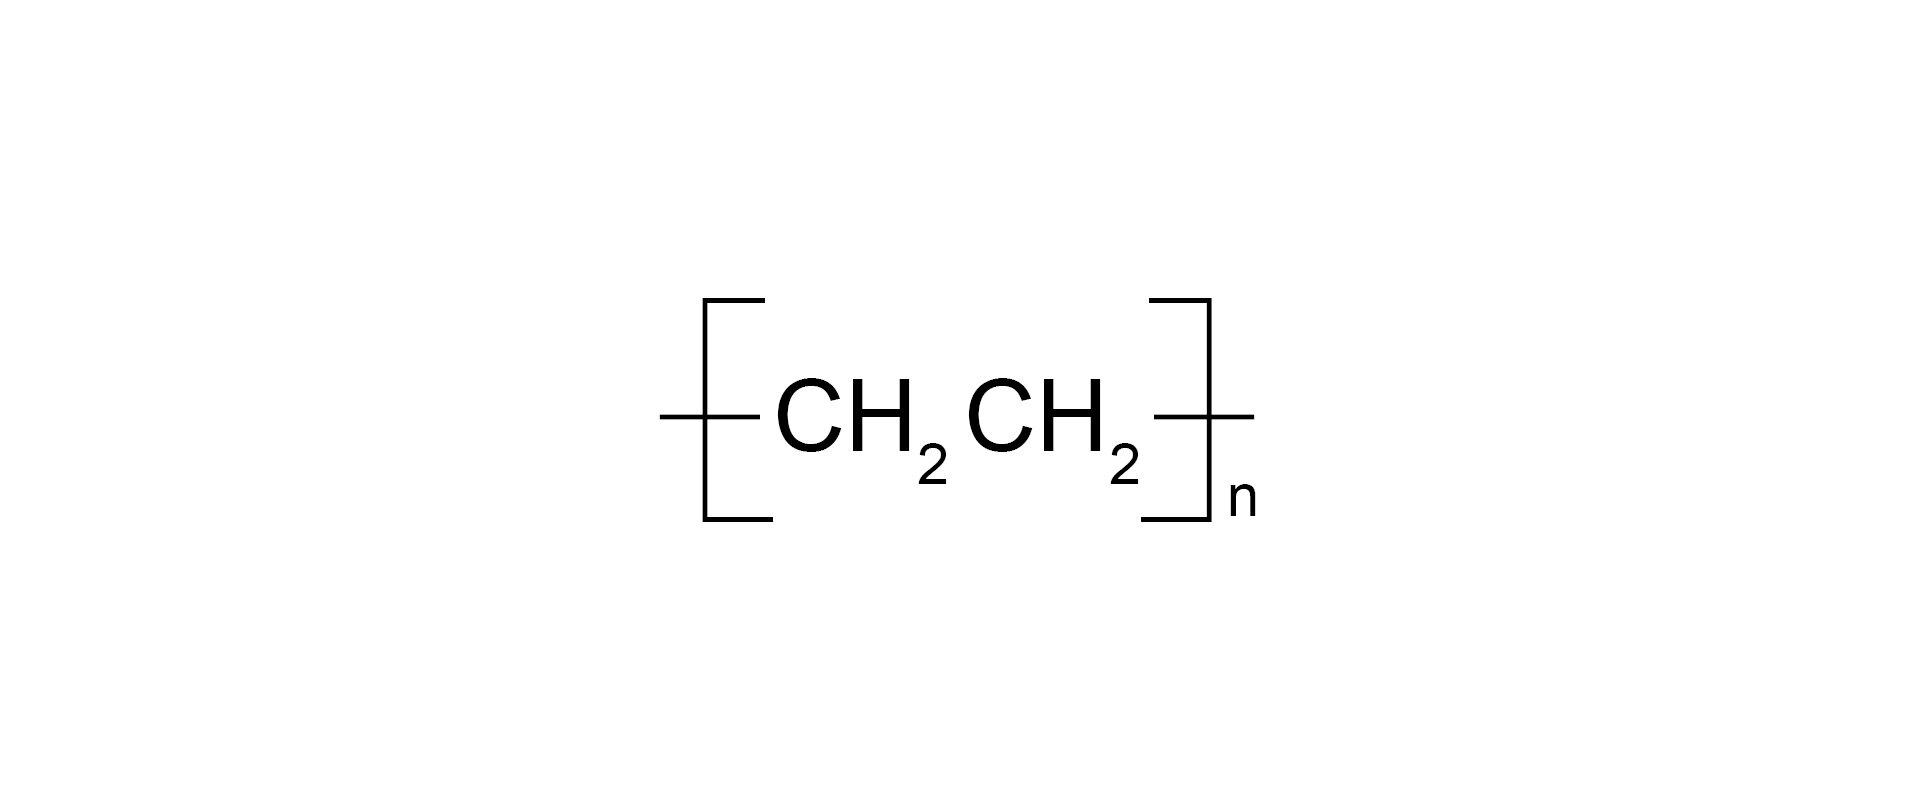 Ilustracja pokazuje wzór sumaryczny polietylenu.